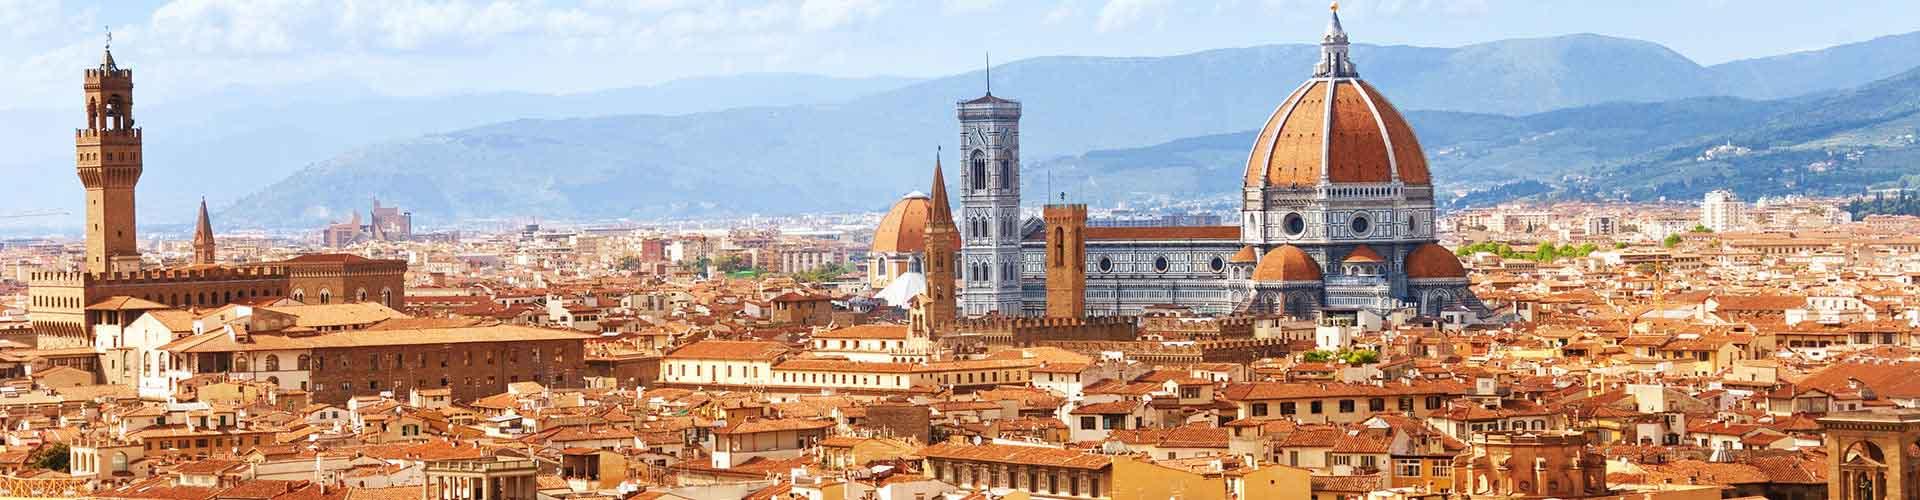 Florencia - Alojamientos para estudiantes, albergues Juveniles y espacios de trabajo compartido en Florencia (Italia). Mapas de Florencia, fotos y reseñas de cada lugar en Florencia.